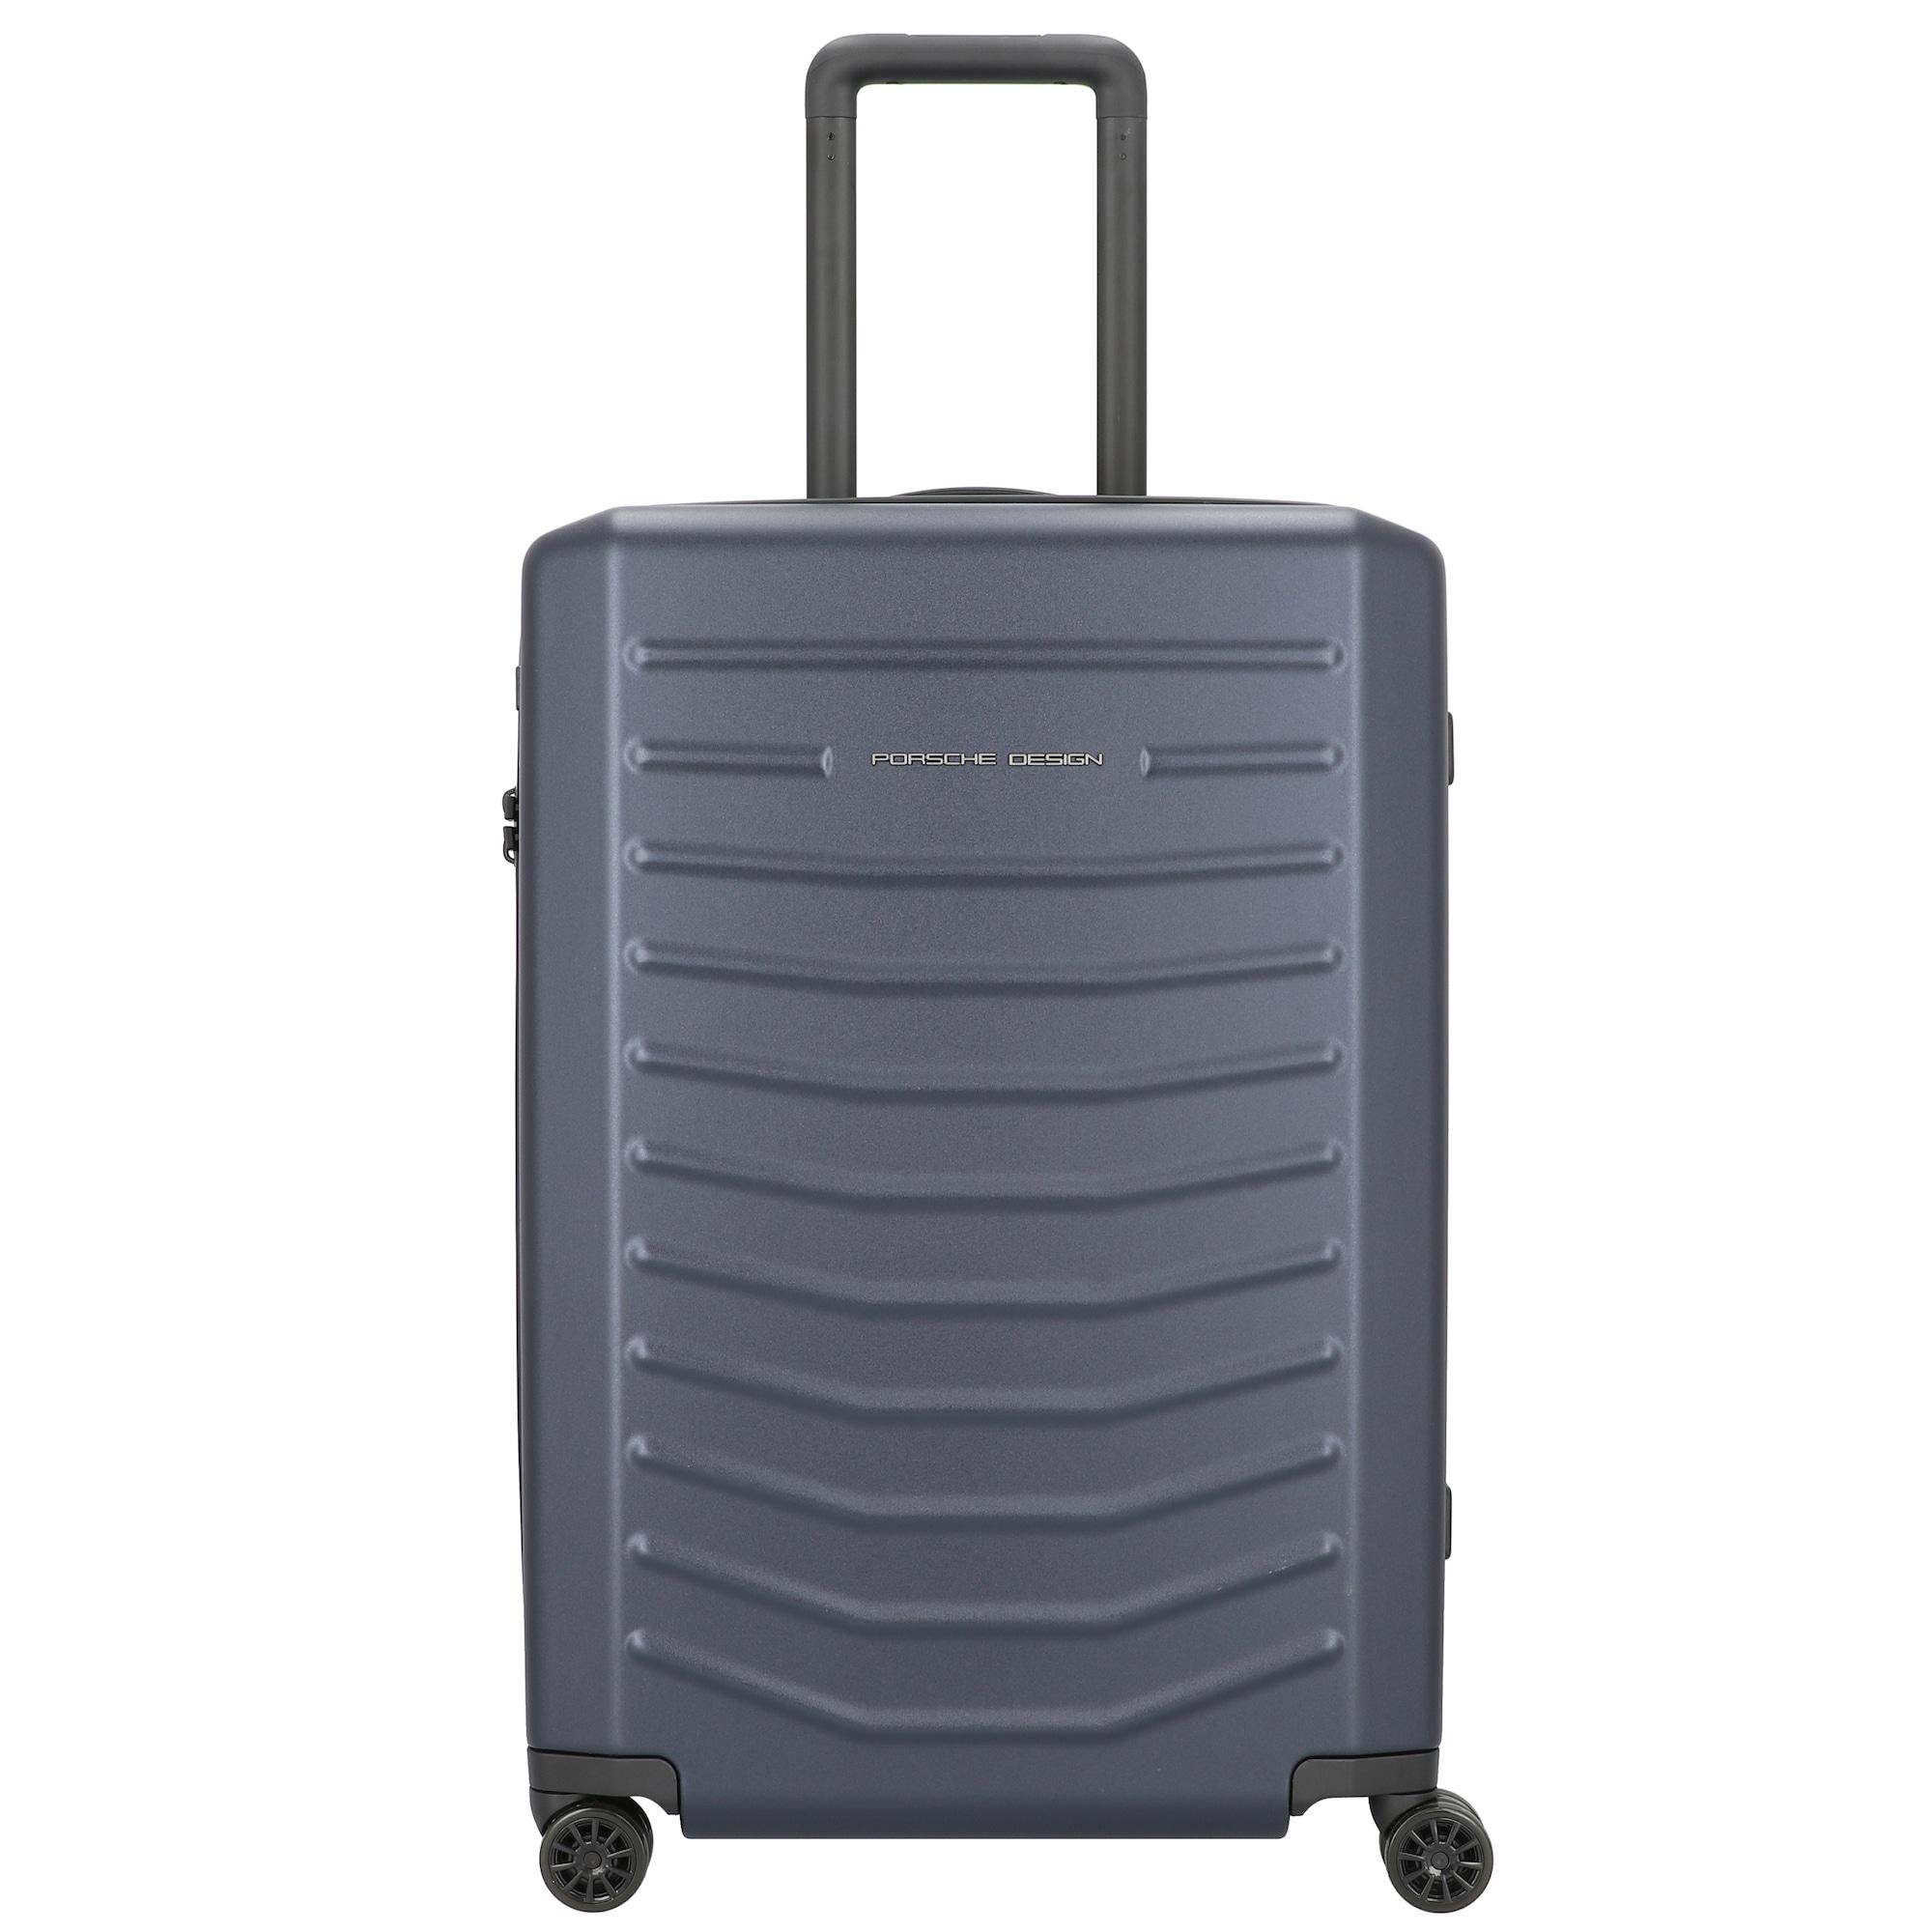 Trolley | Taschen > Koffer & Trolleys > Trolleys | Porsche Design